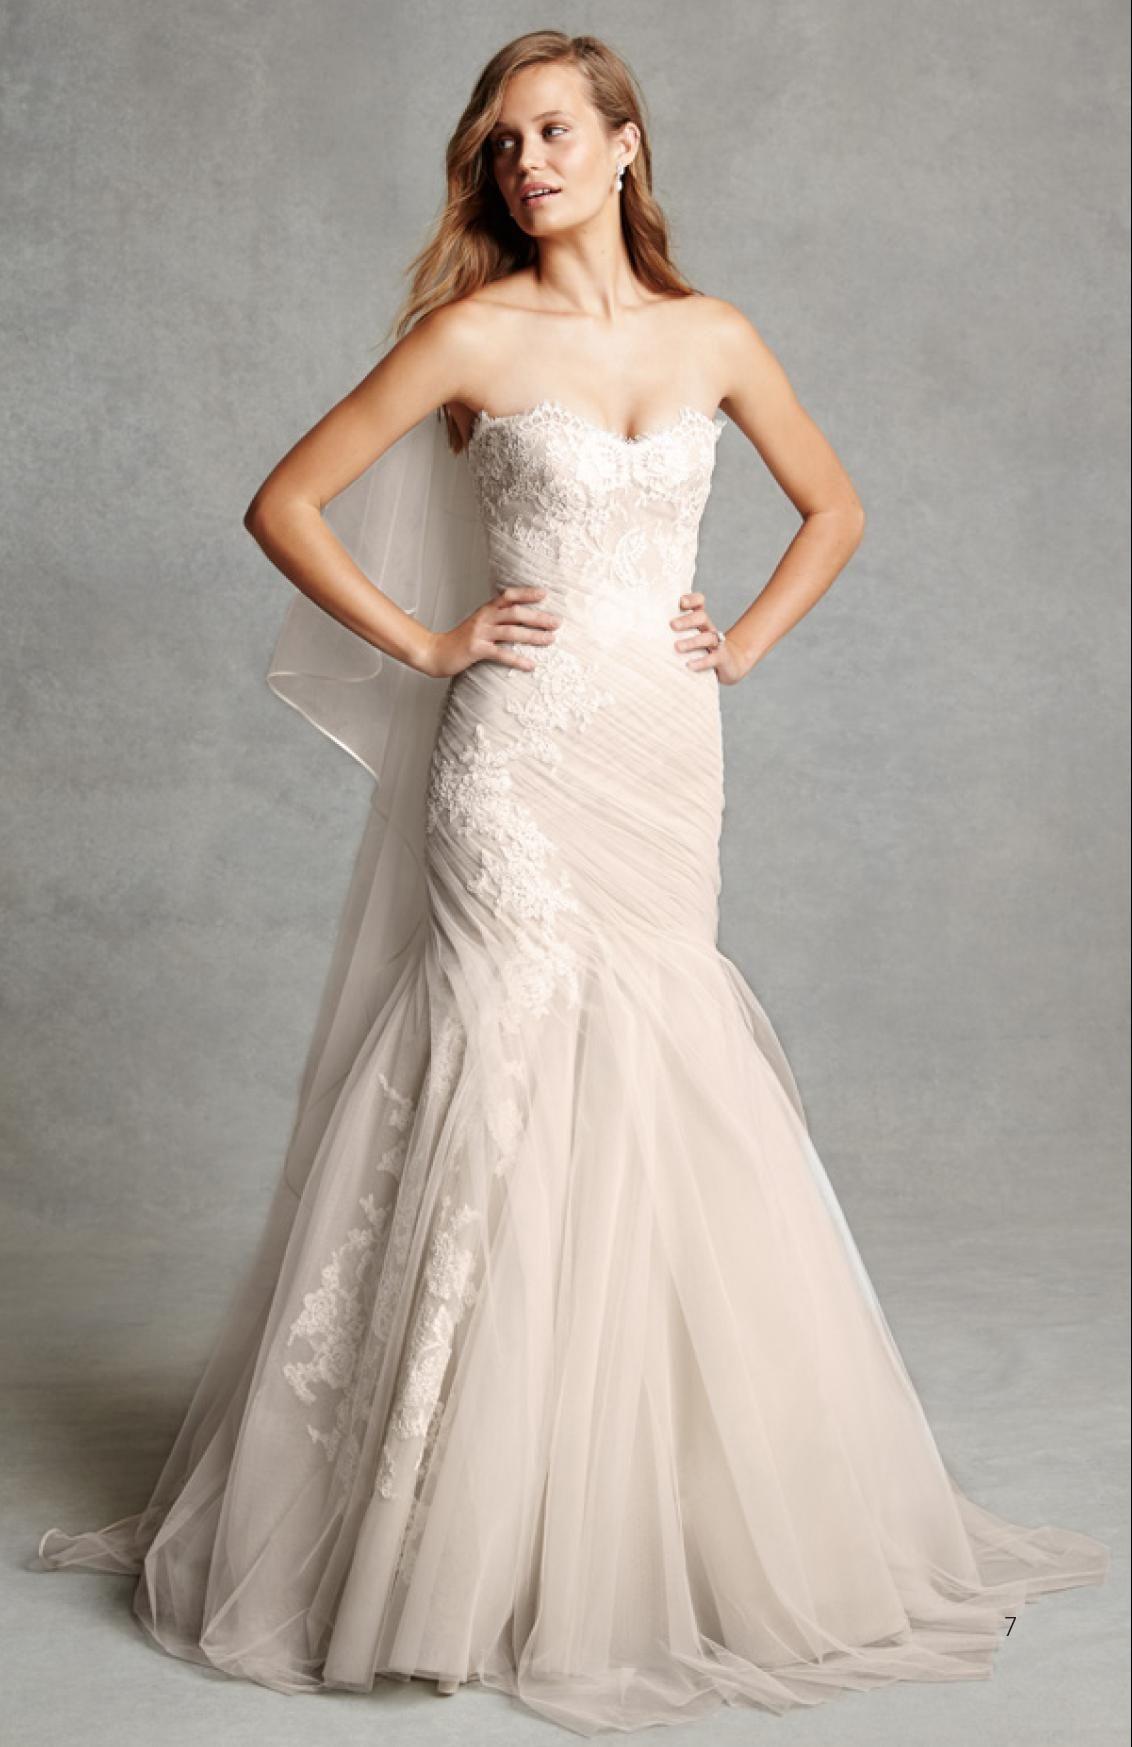 La collection de robes de mariée Bliss Monique Lhuillier est en exclusivité en France chez Metal Flaque à Paris. www.metalflaque.fr Wedding dresses.